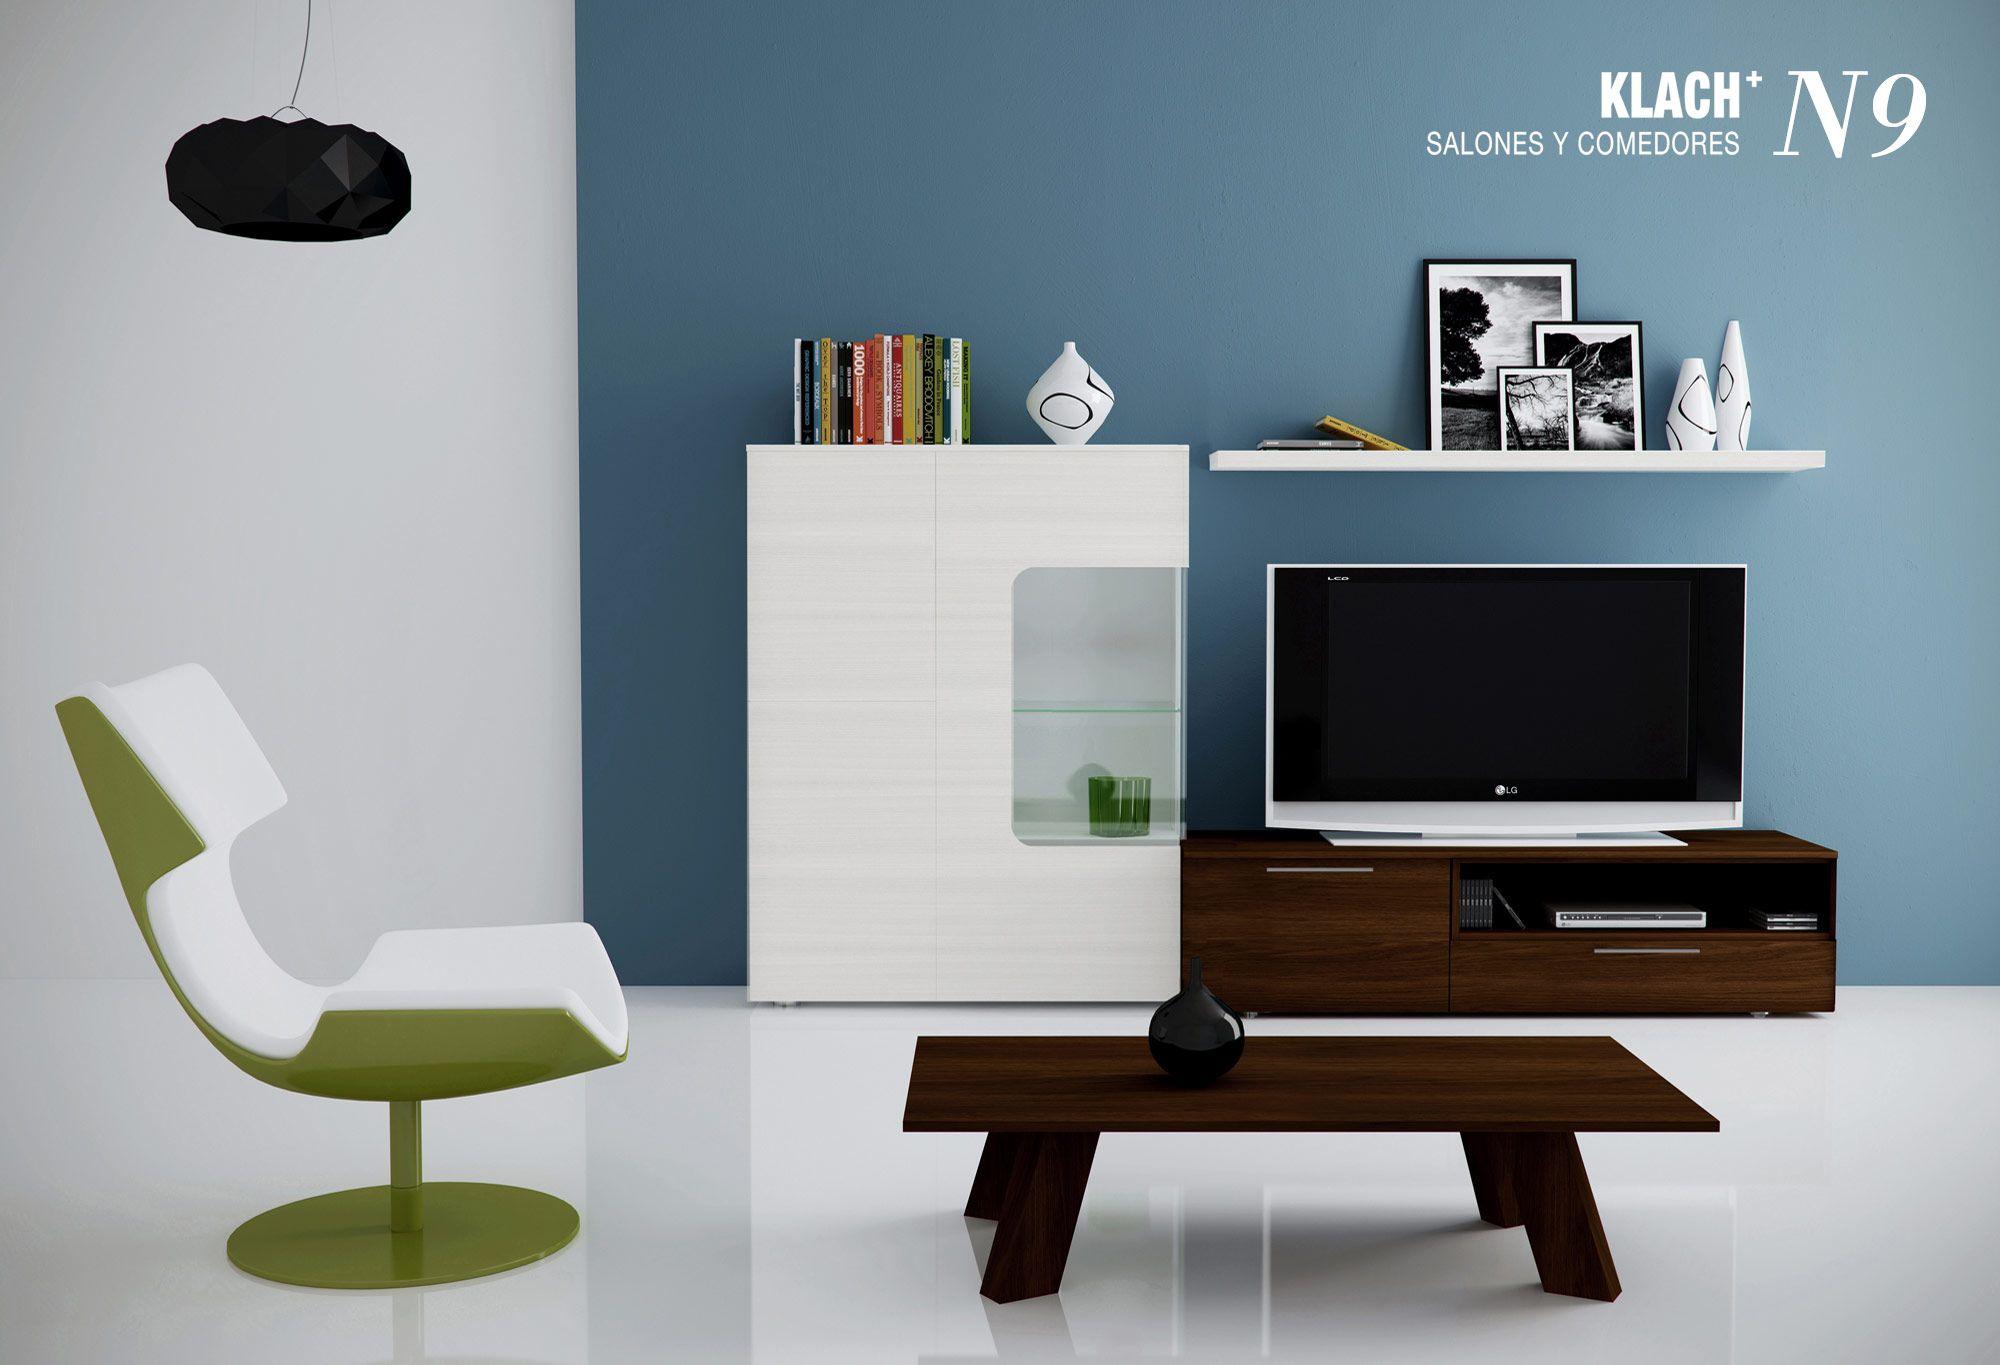 Klach N9 Muebles Hermida Muebles De Sal N Y Comedor  # Muebles Zb Zaragoza